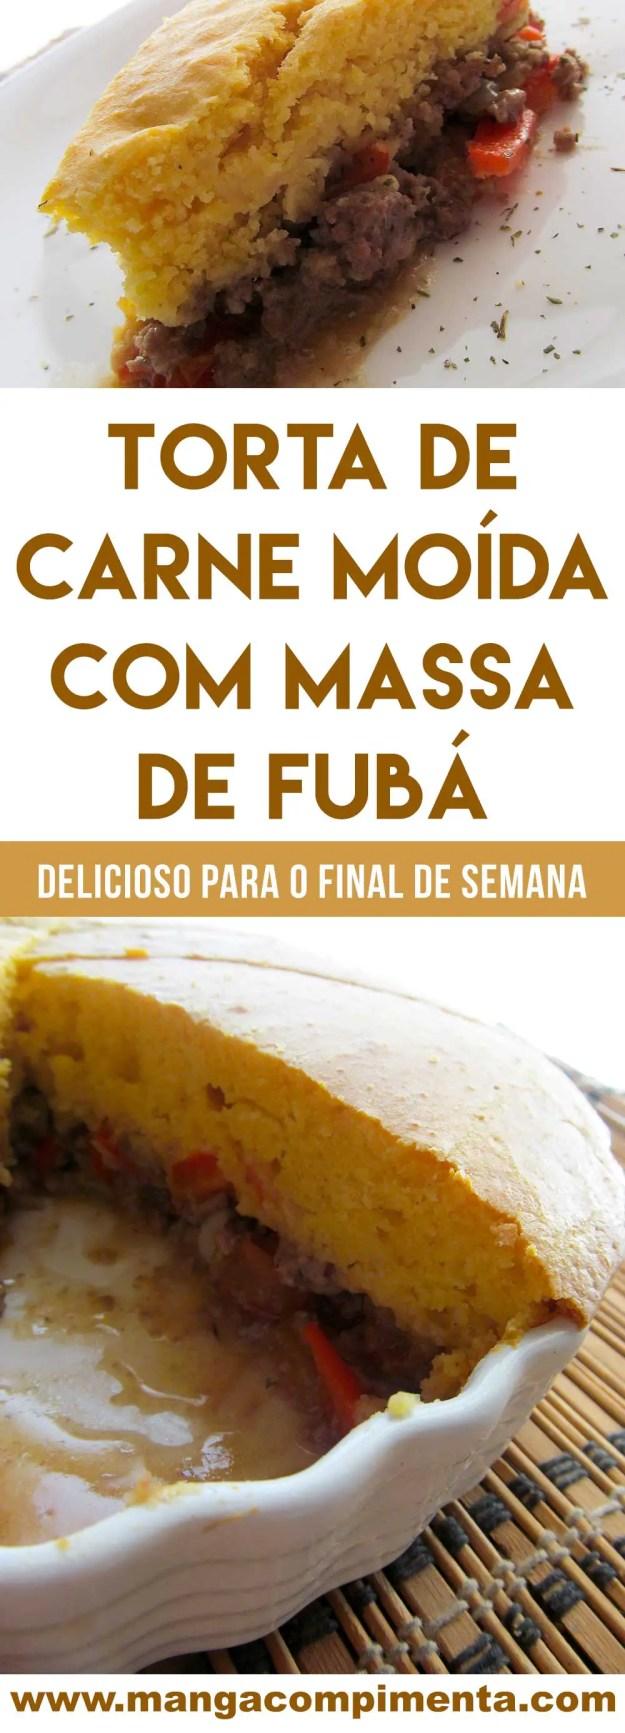 Receita de Torta de Carne Moída com Massa de Fubá - um prato delicioso para lanchar ou almoçar!